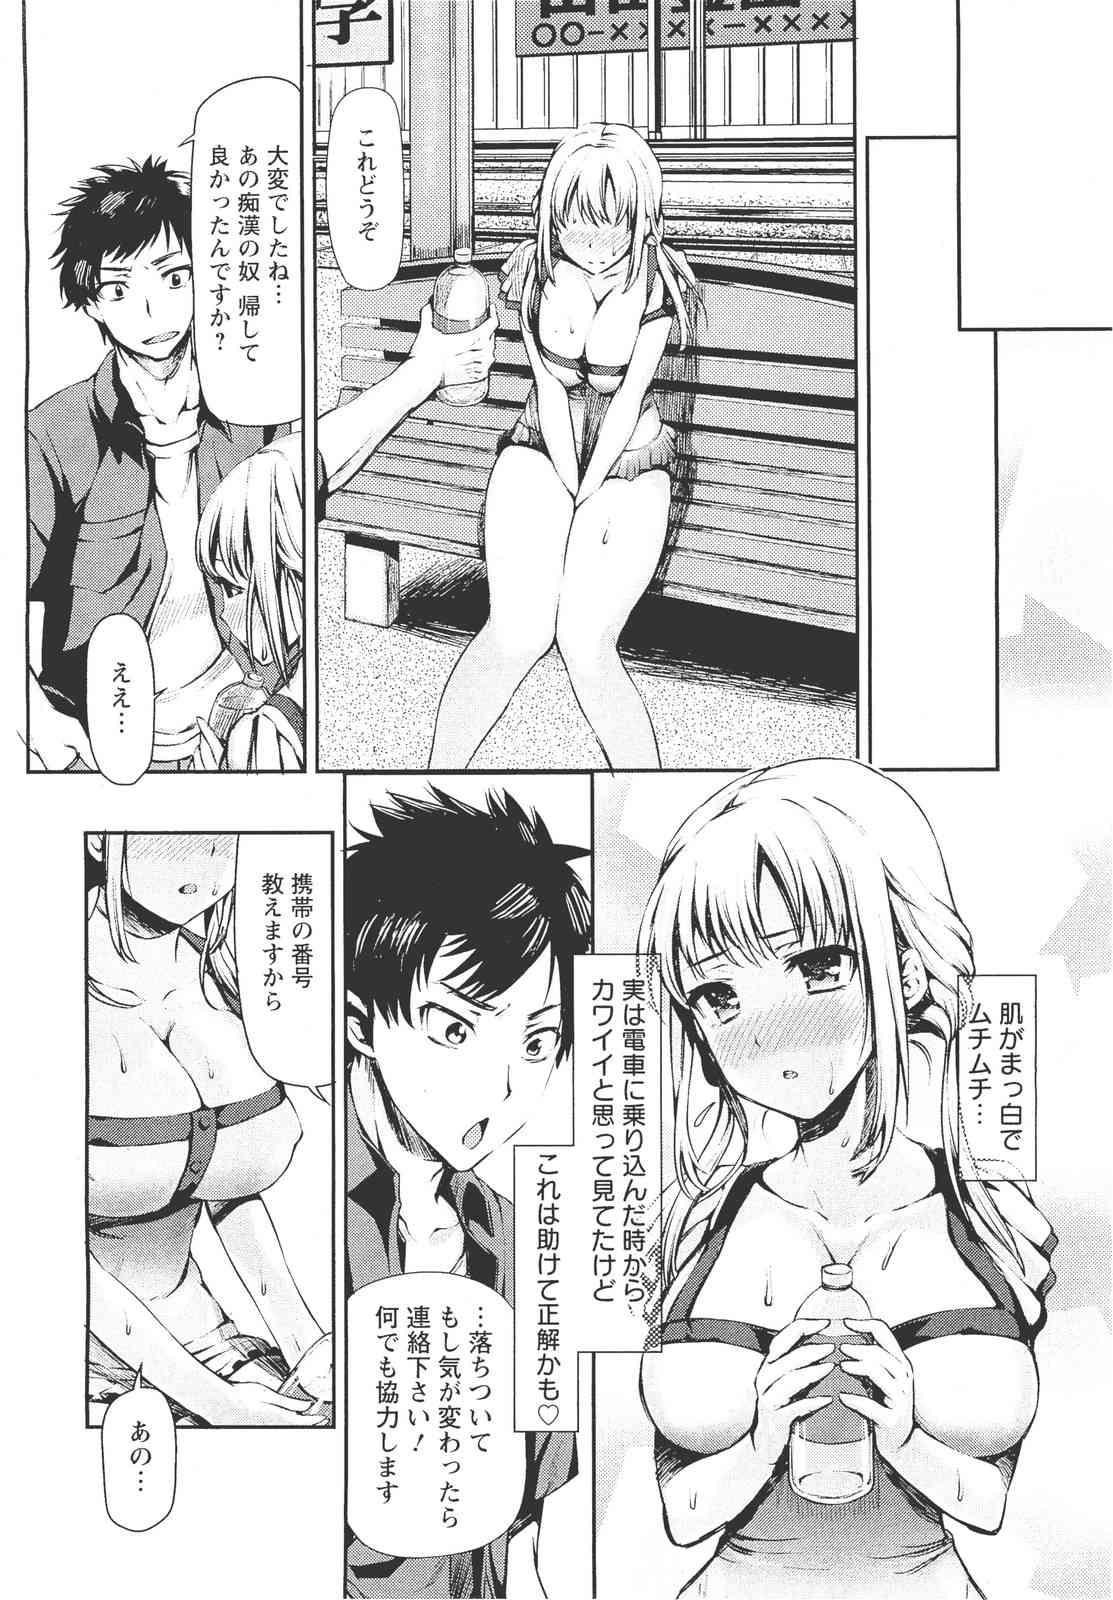 【エロ漫画】痴漢願望のあるノーブラ変態美女と電車内で過激プレイwww